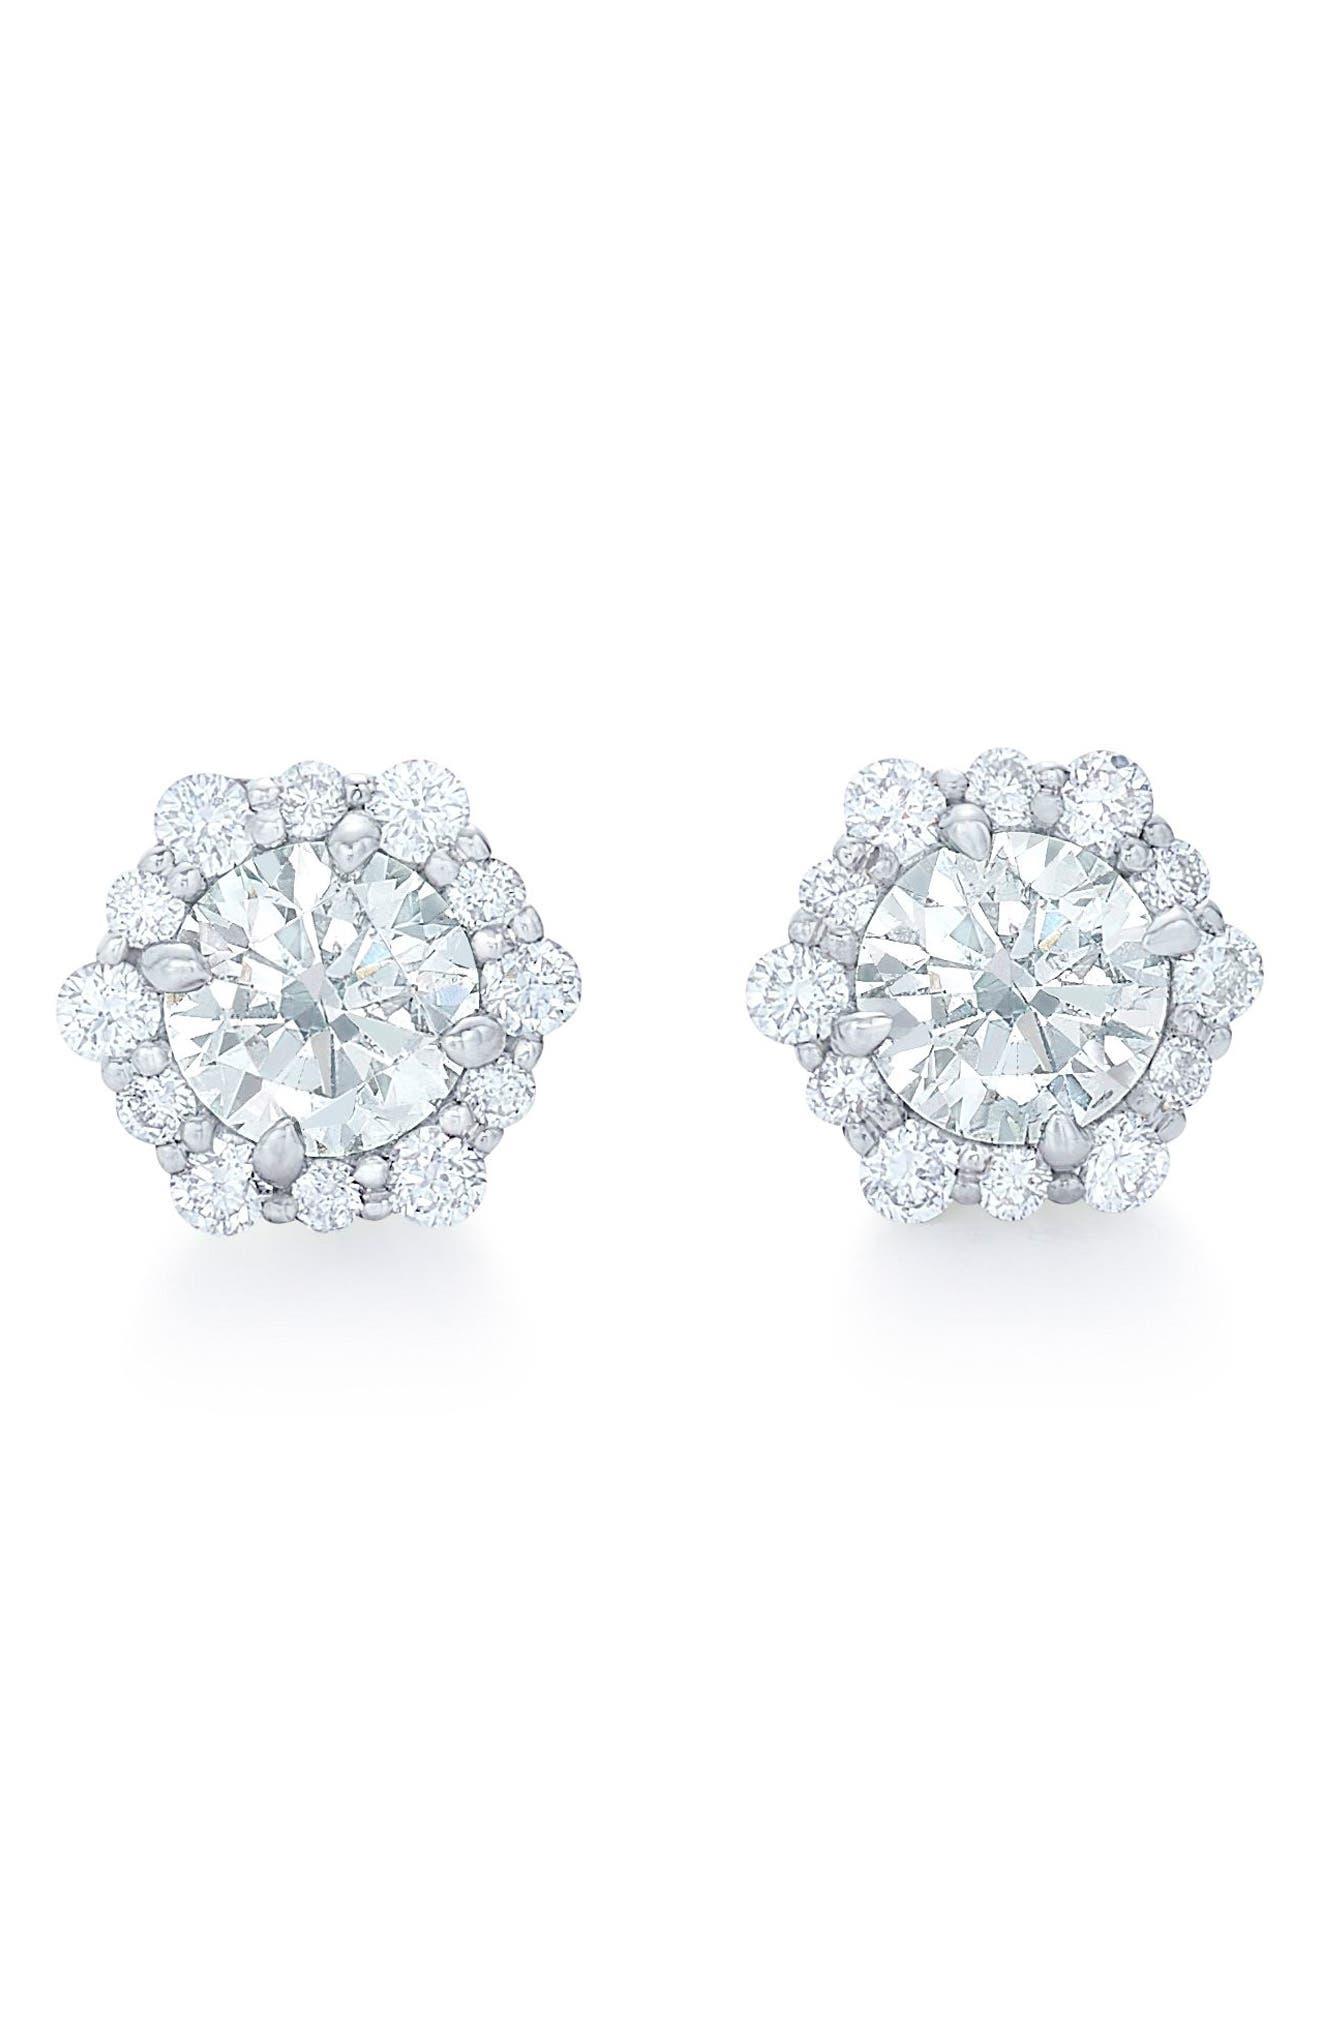 Alternate Image 1 Selected - Kwiat Diamond Halo Stud Earrings